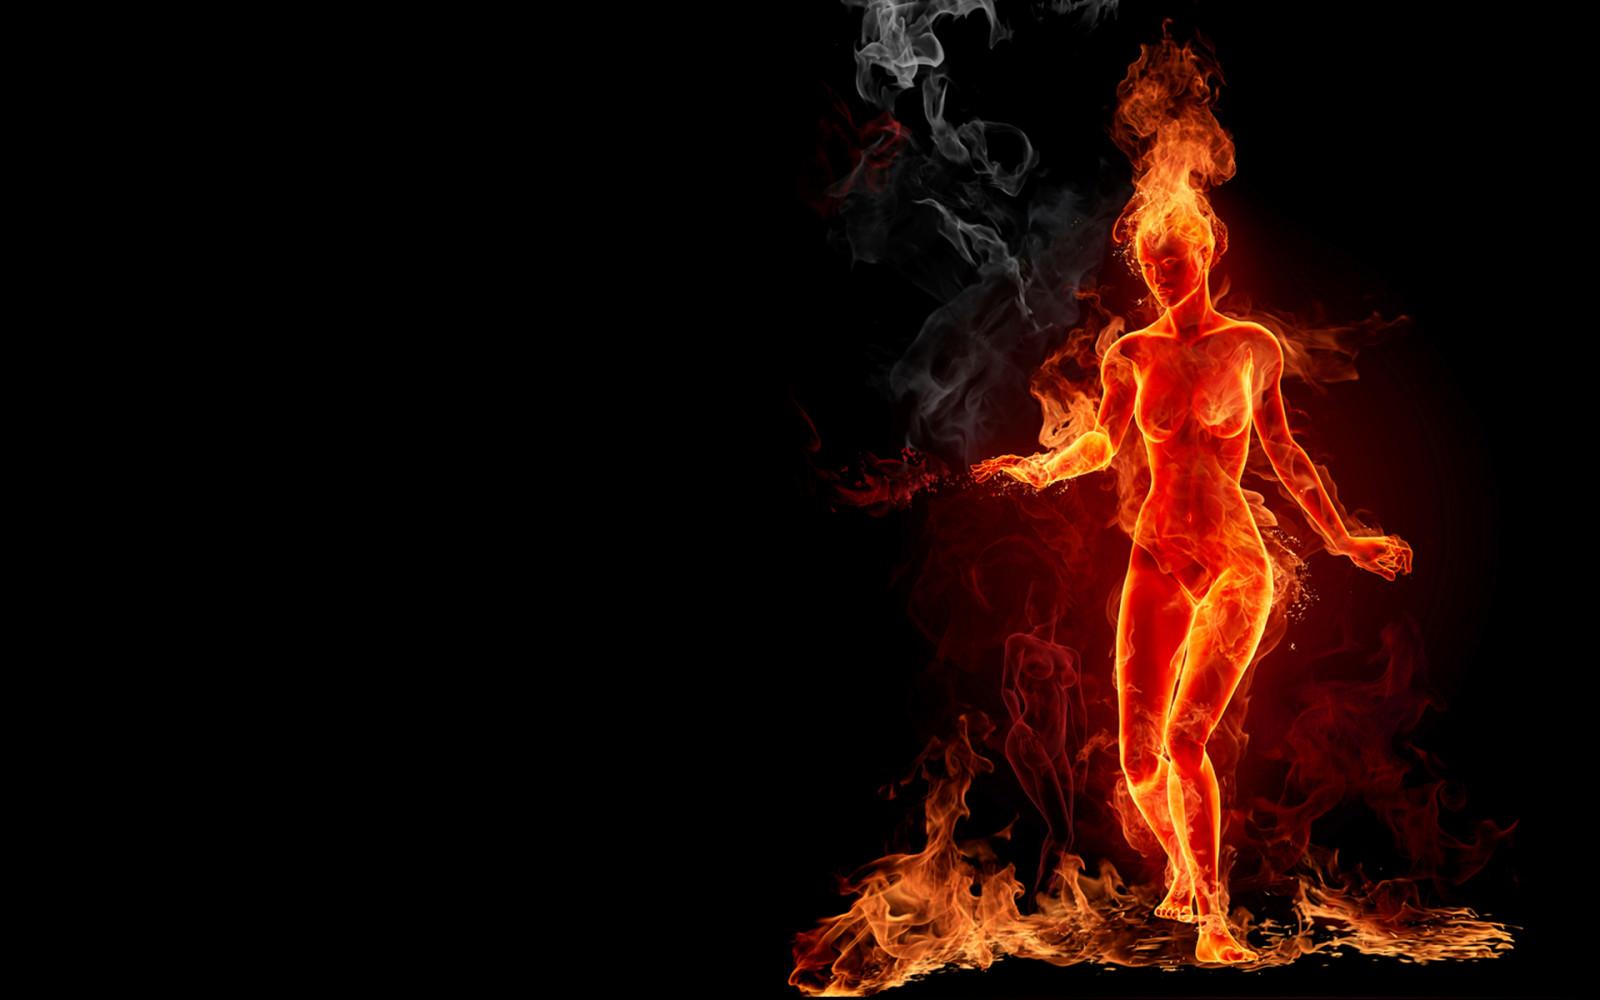 обратном пути голые девушки в огне трахнул мужика рот